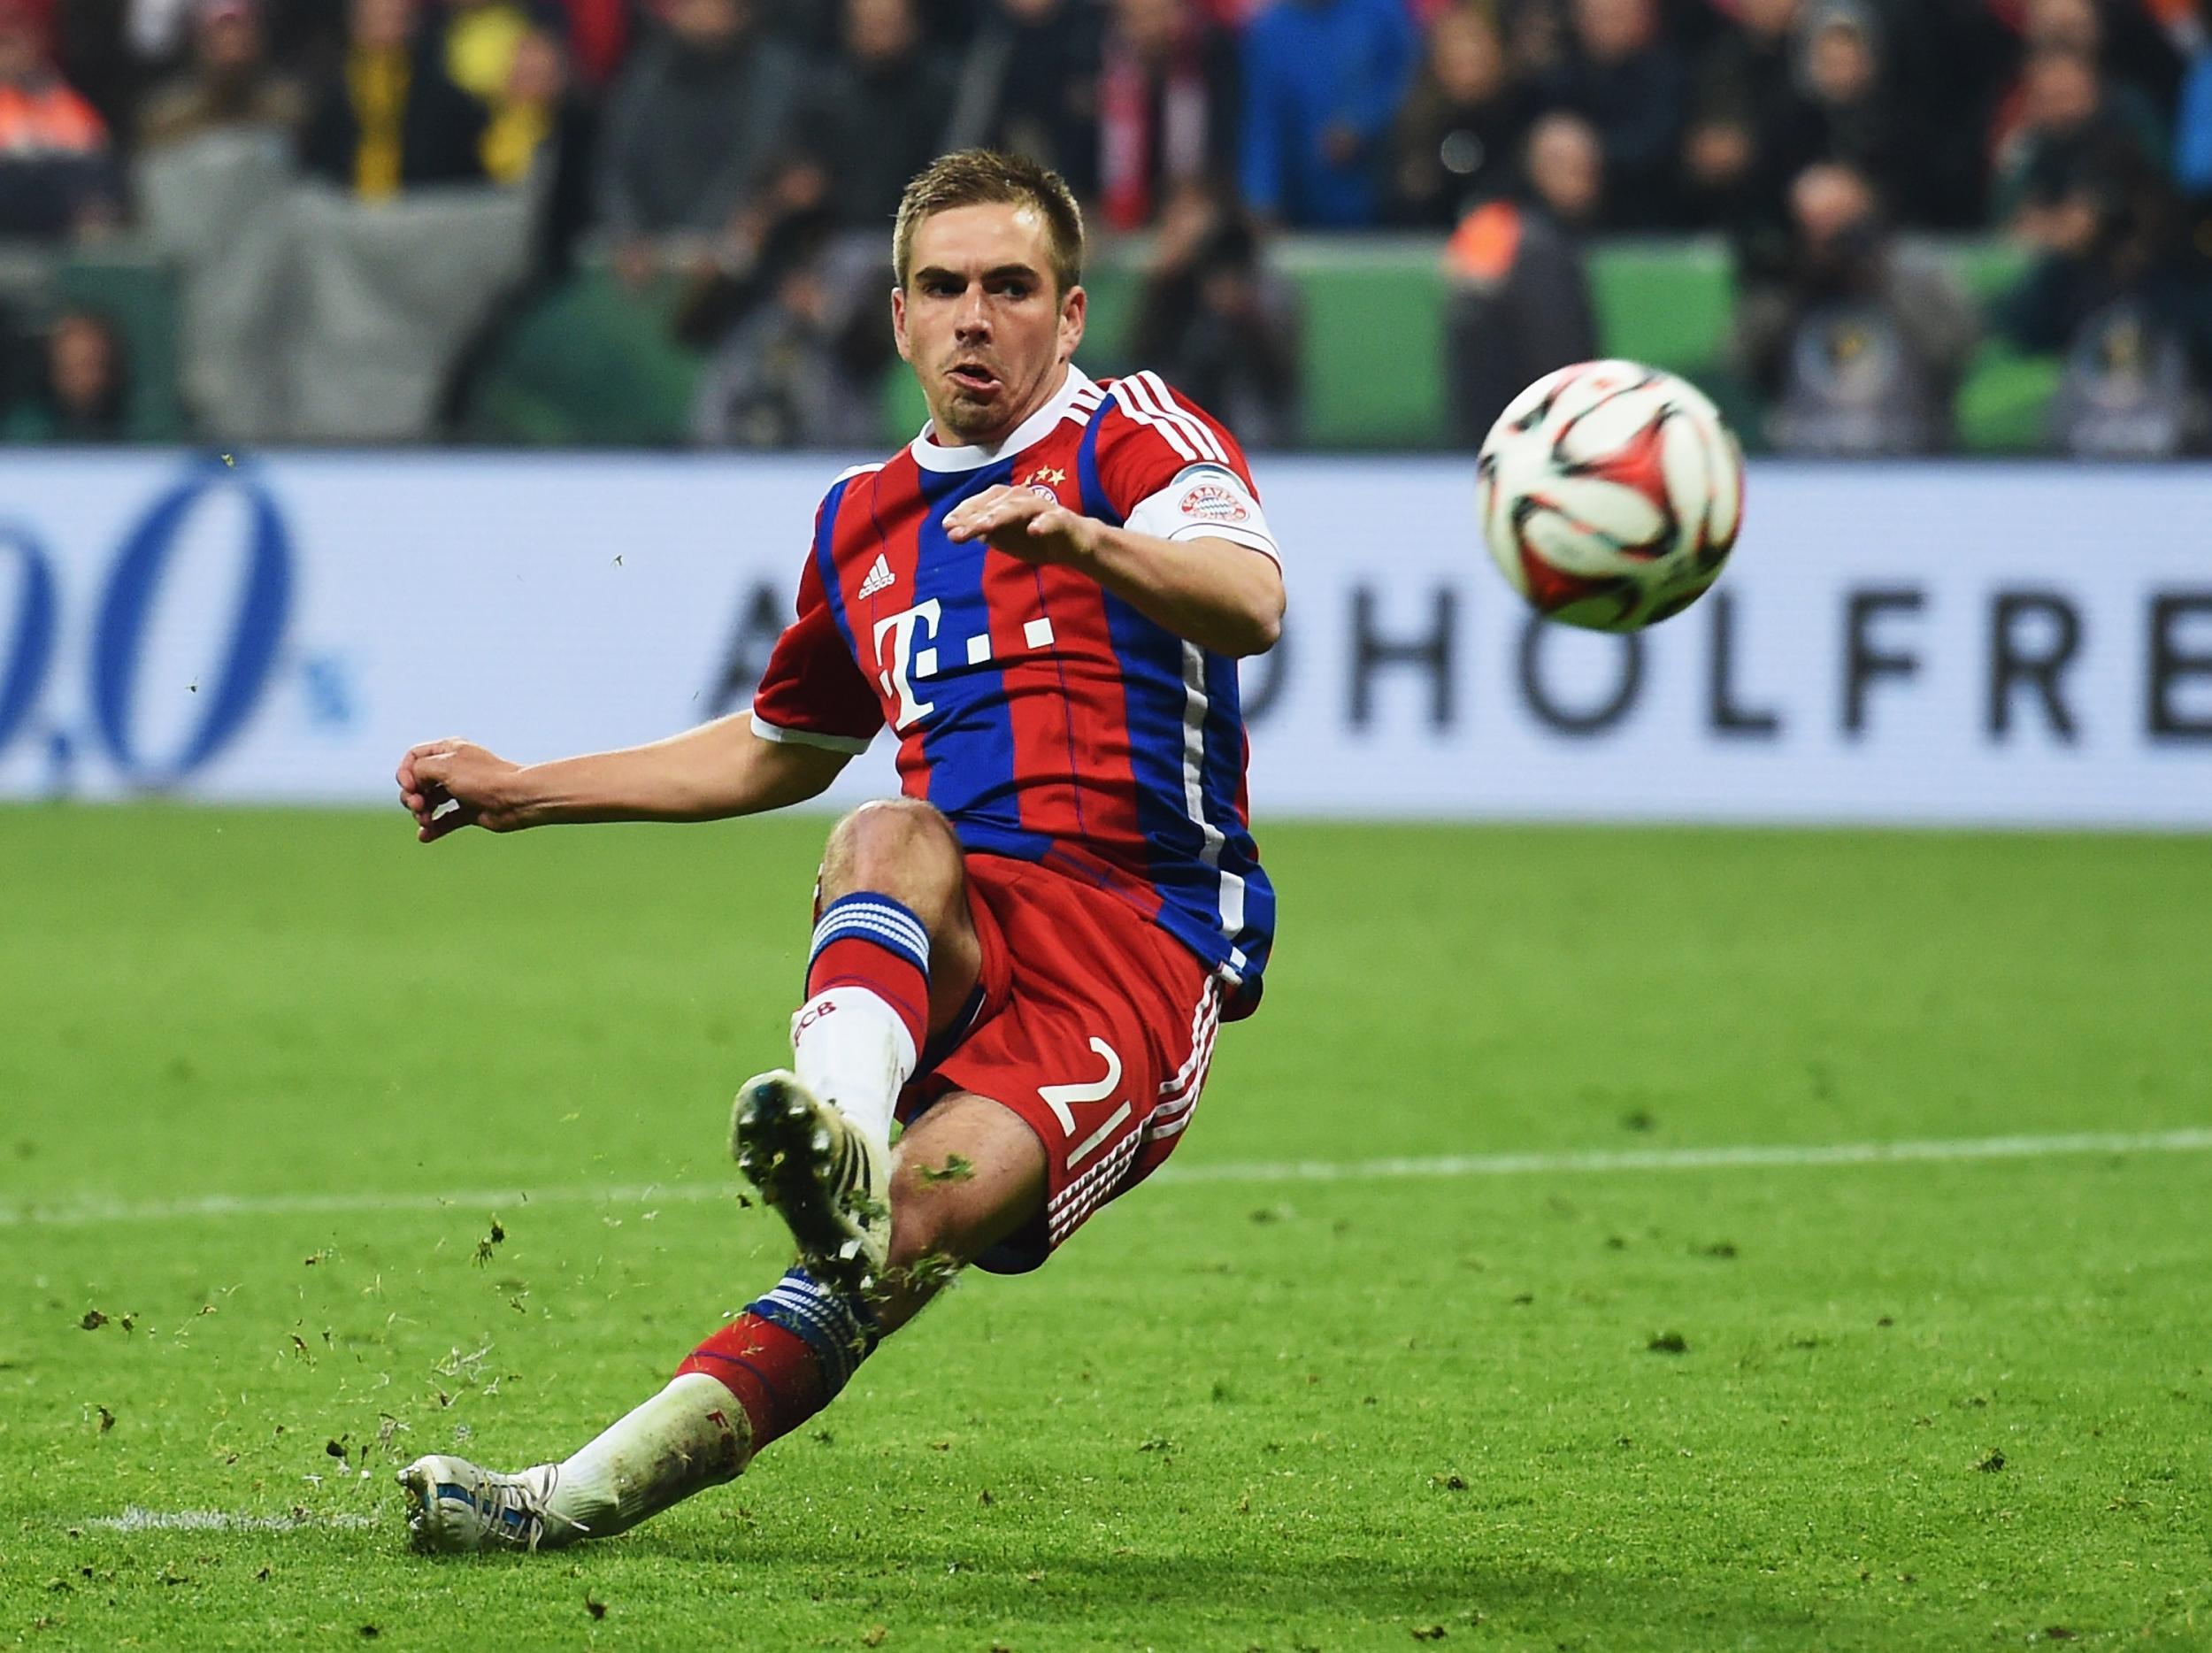 14. Philipp Lahm